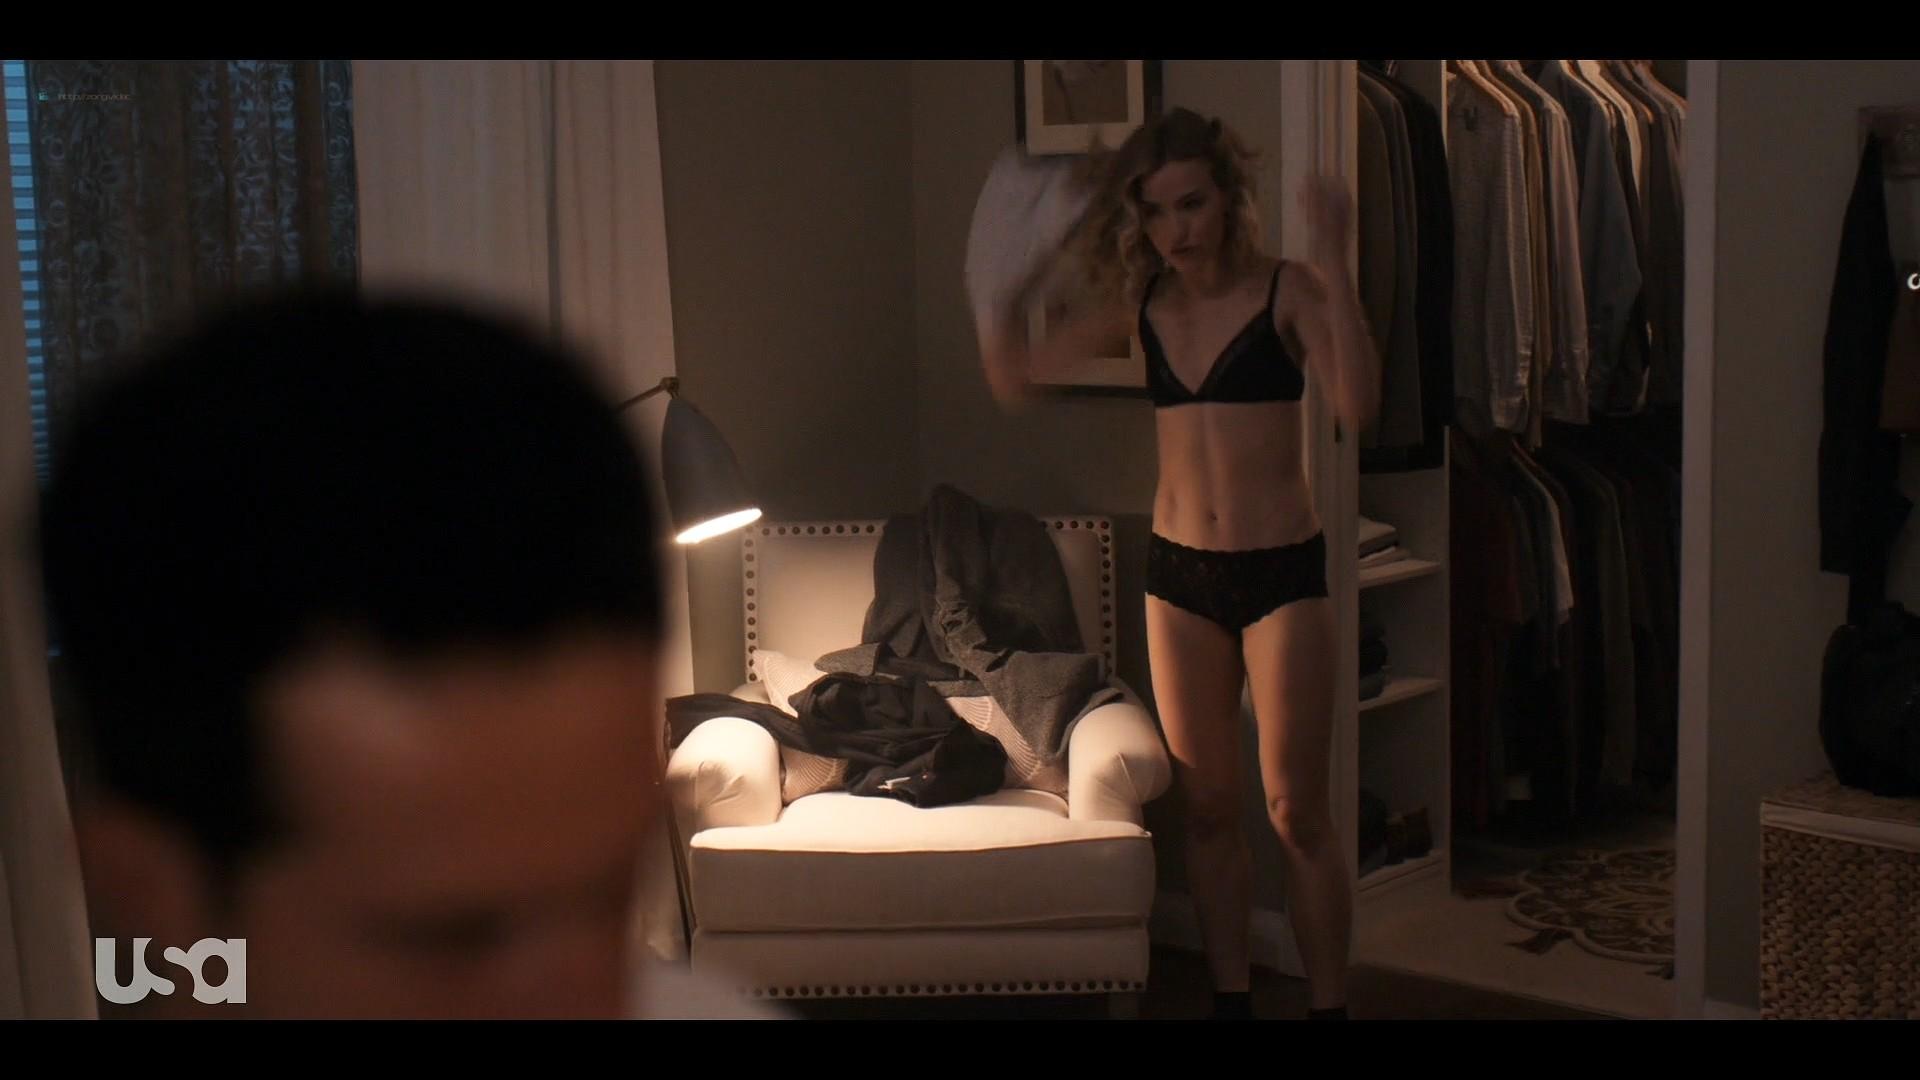 Willa Fitzgerald hot in lingerie Marlo Kelly, Herizen F. Guardiola sexy - Dare Me (2019) s1e4 HD 1080p (6)